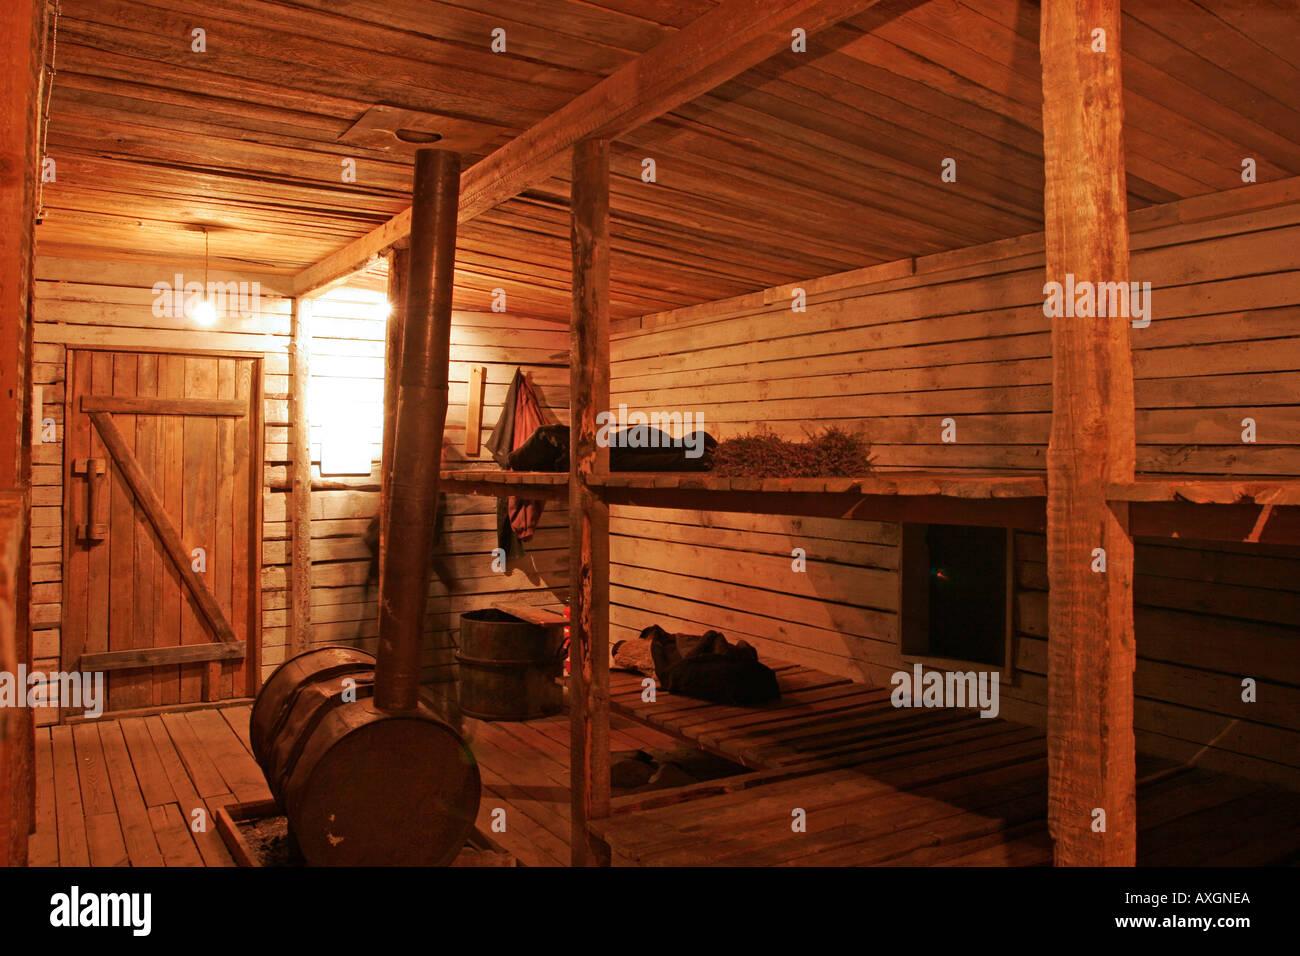 erholung von einer gulag h tte im okkupationsmuseum in riga lettland stockfoto bild 5498345. Black Bedroom Furniture Sets. Home Design Ideas